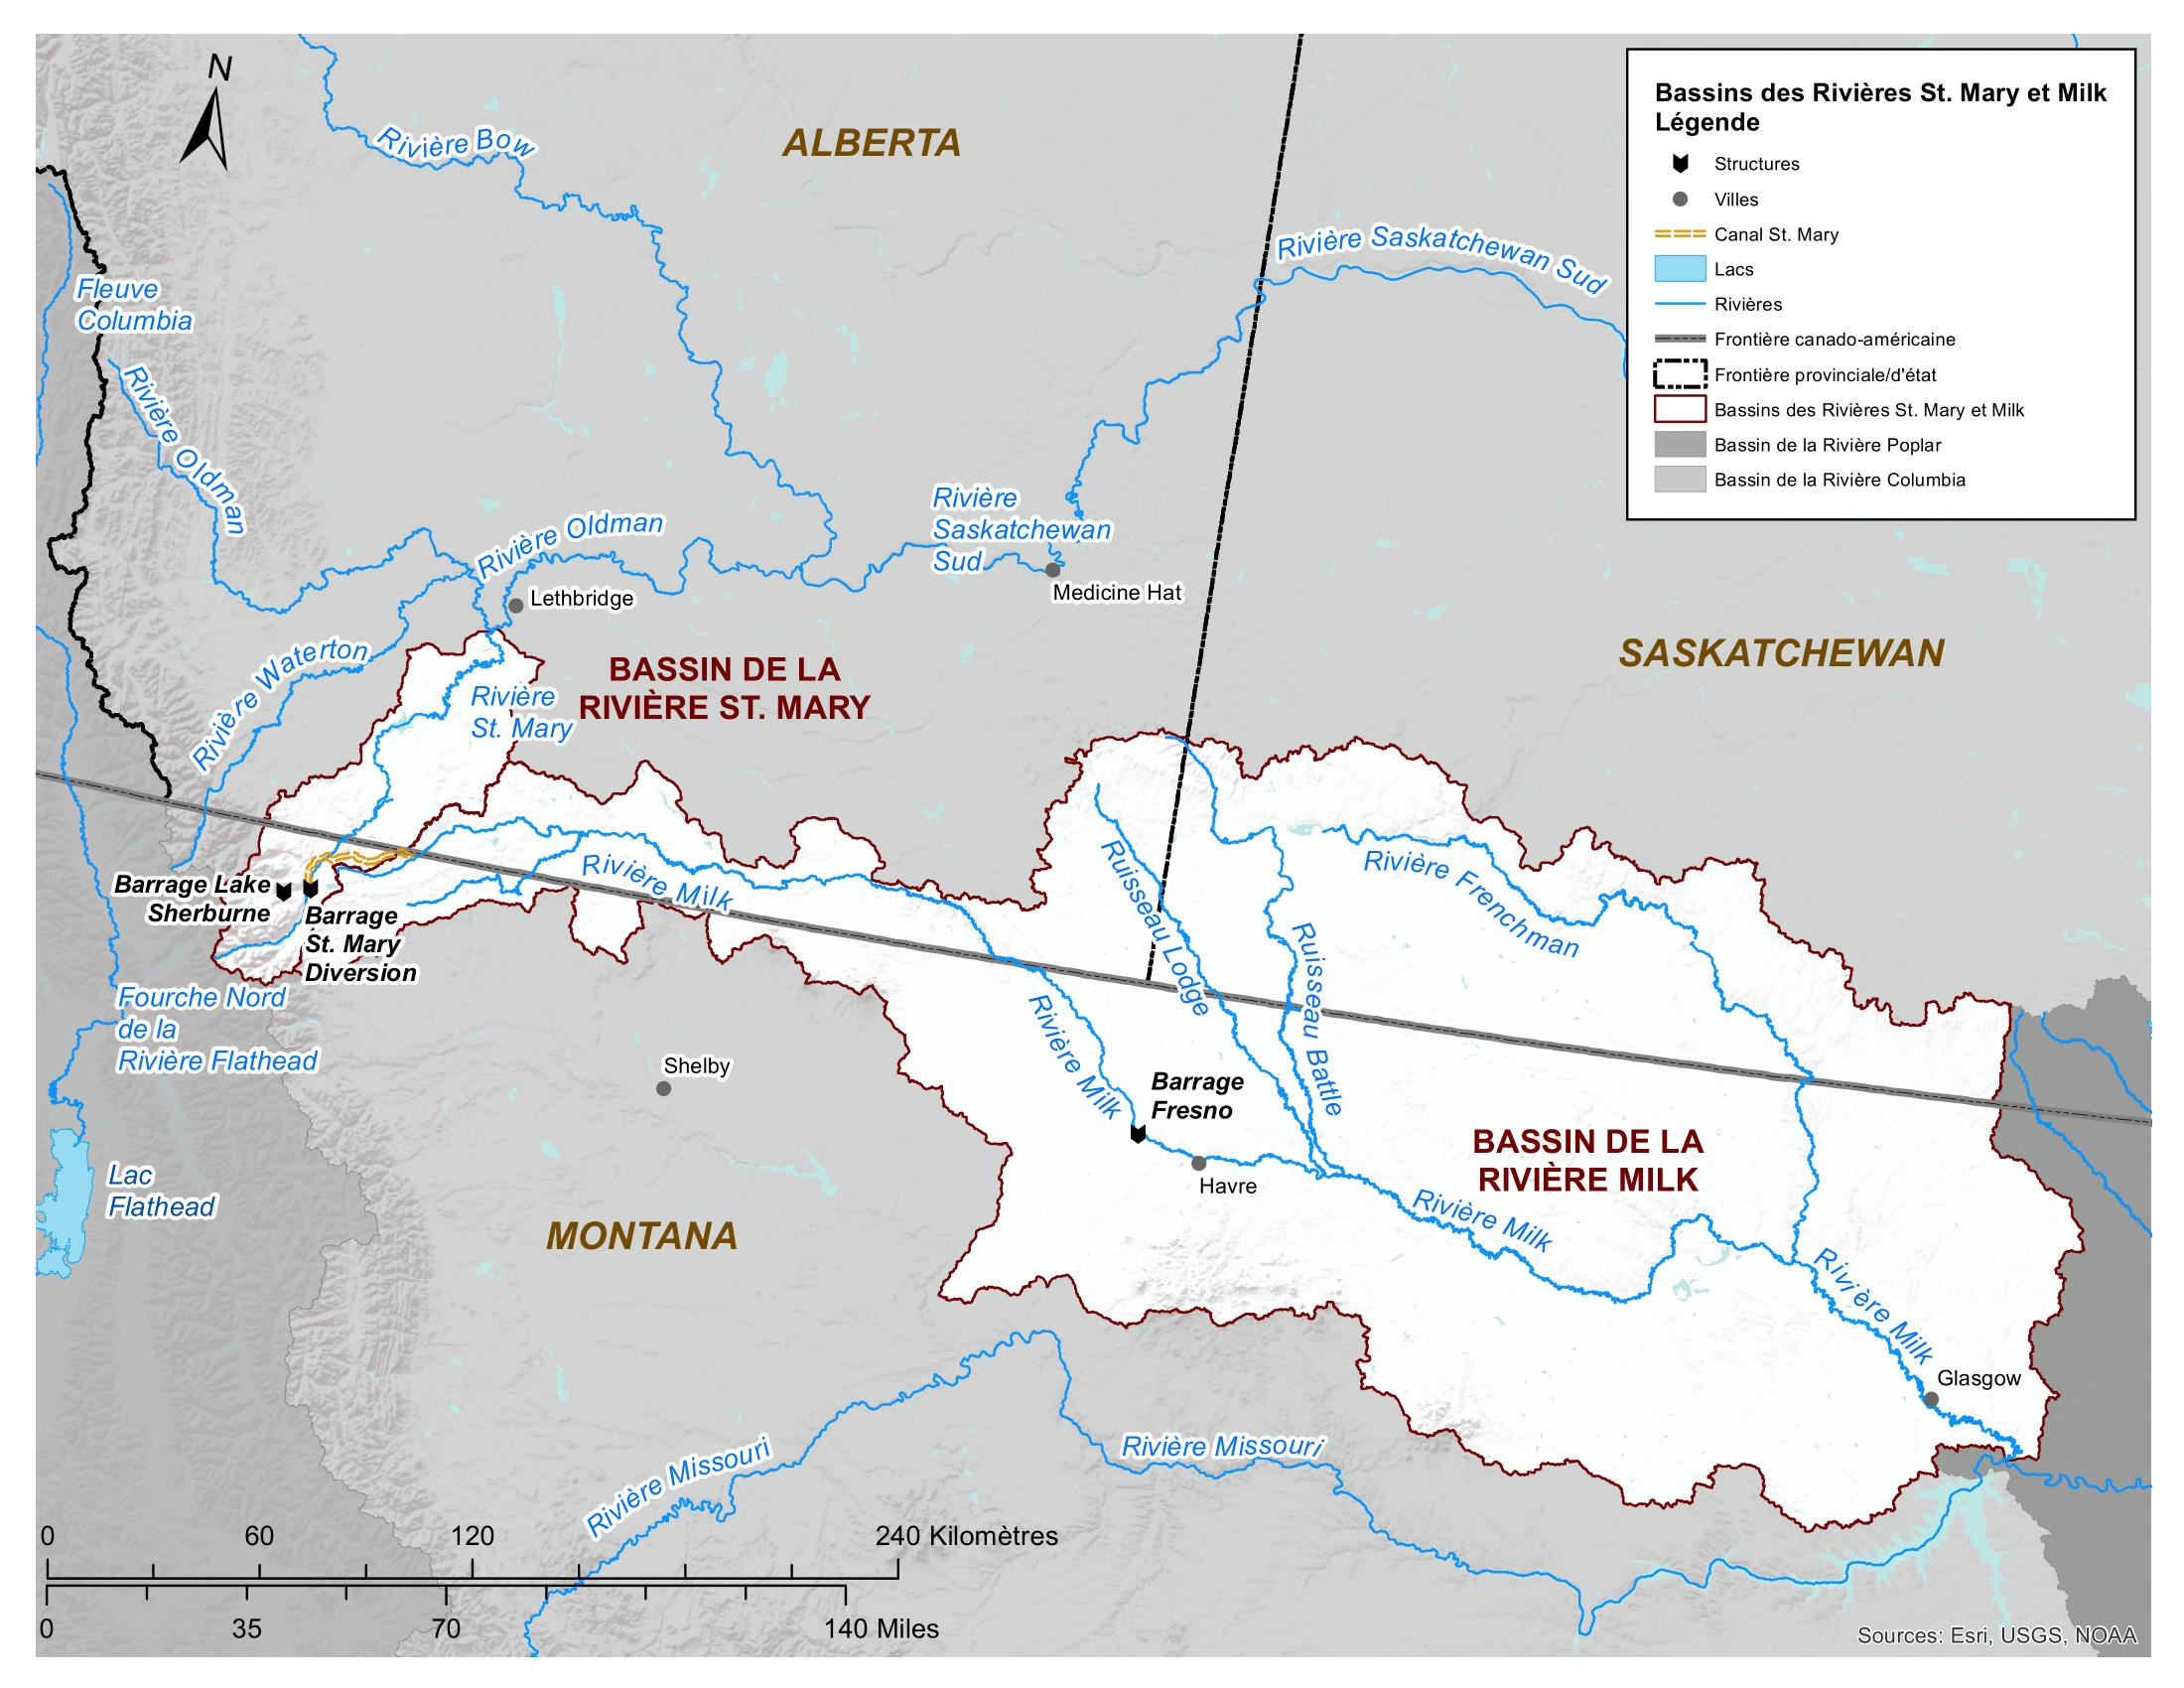 Carte - Bassin des rivières St. Mary et Milk